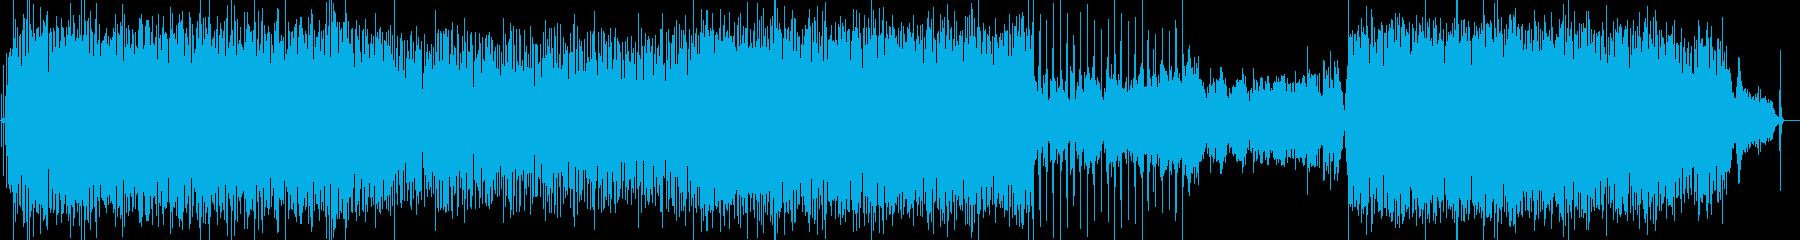 ポップス調のピアノ曲の再生済みの波形